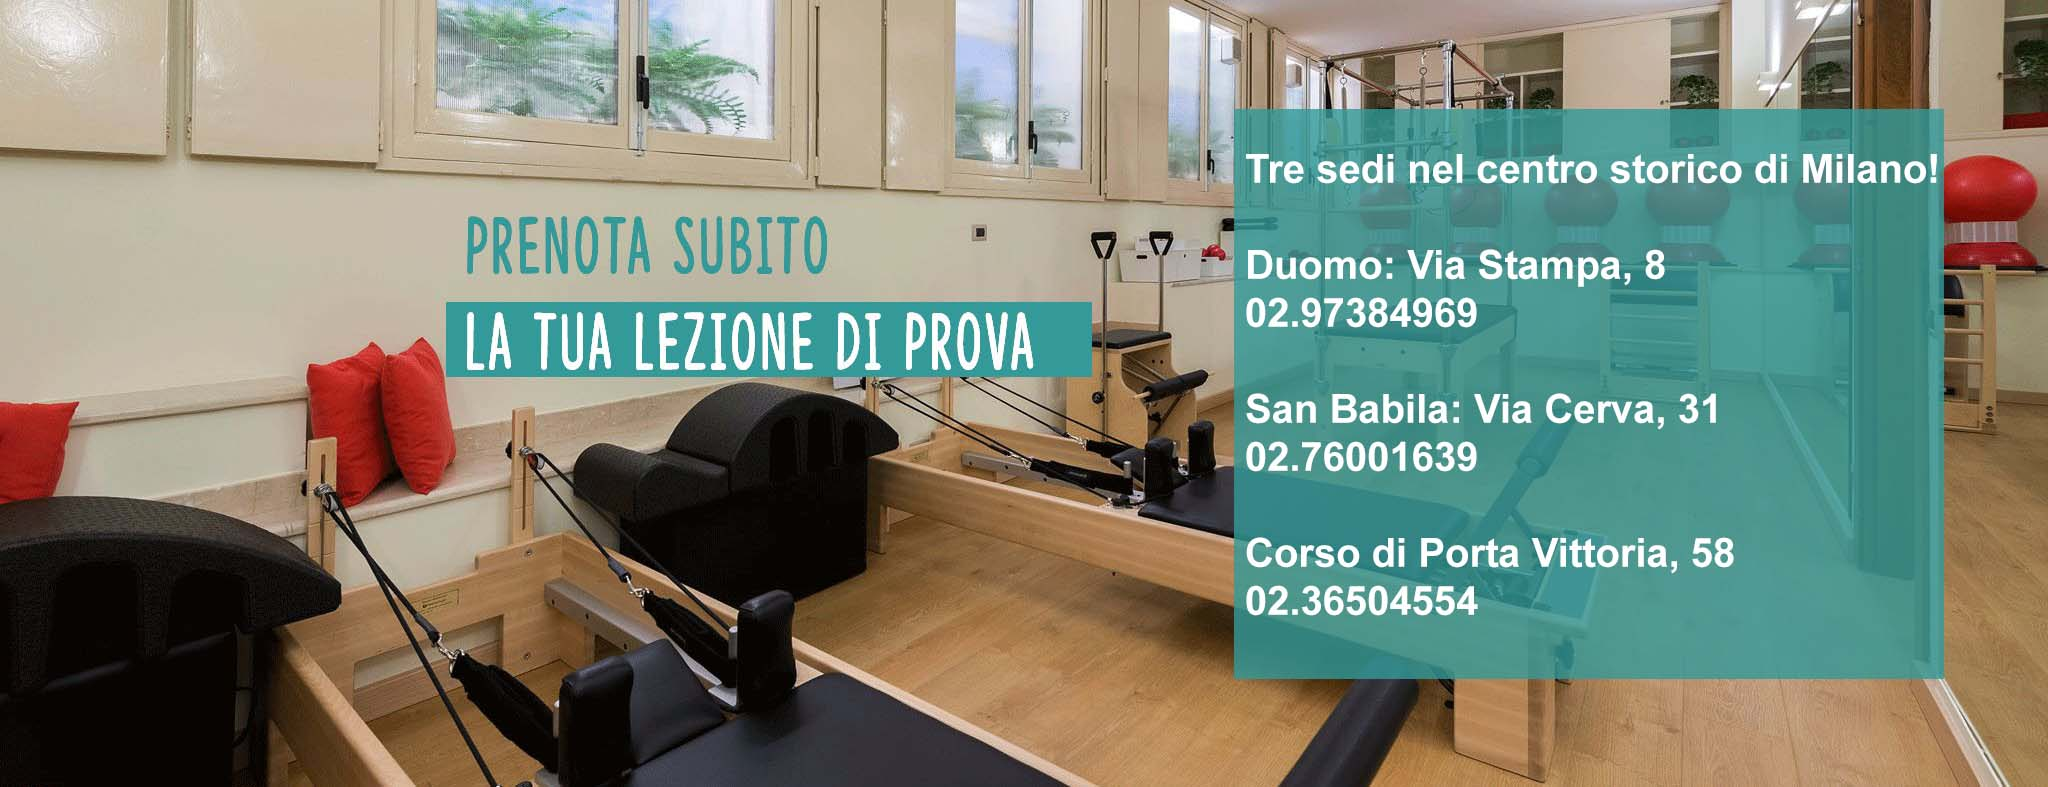 Corsi Di Pilates Taliedo Milano - Prenota subito la tua lezione di prova